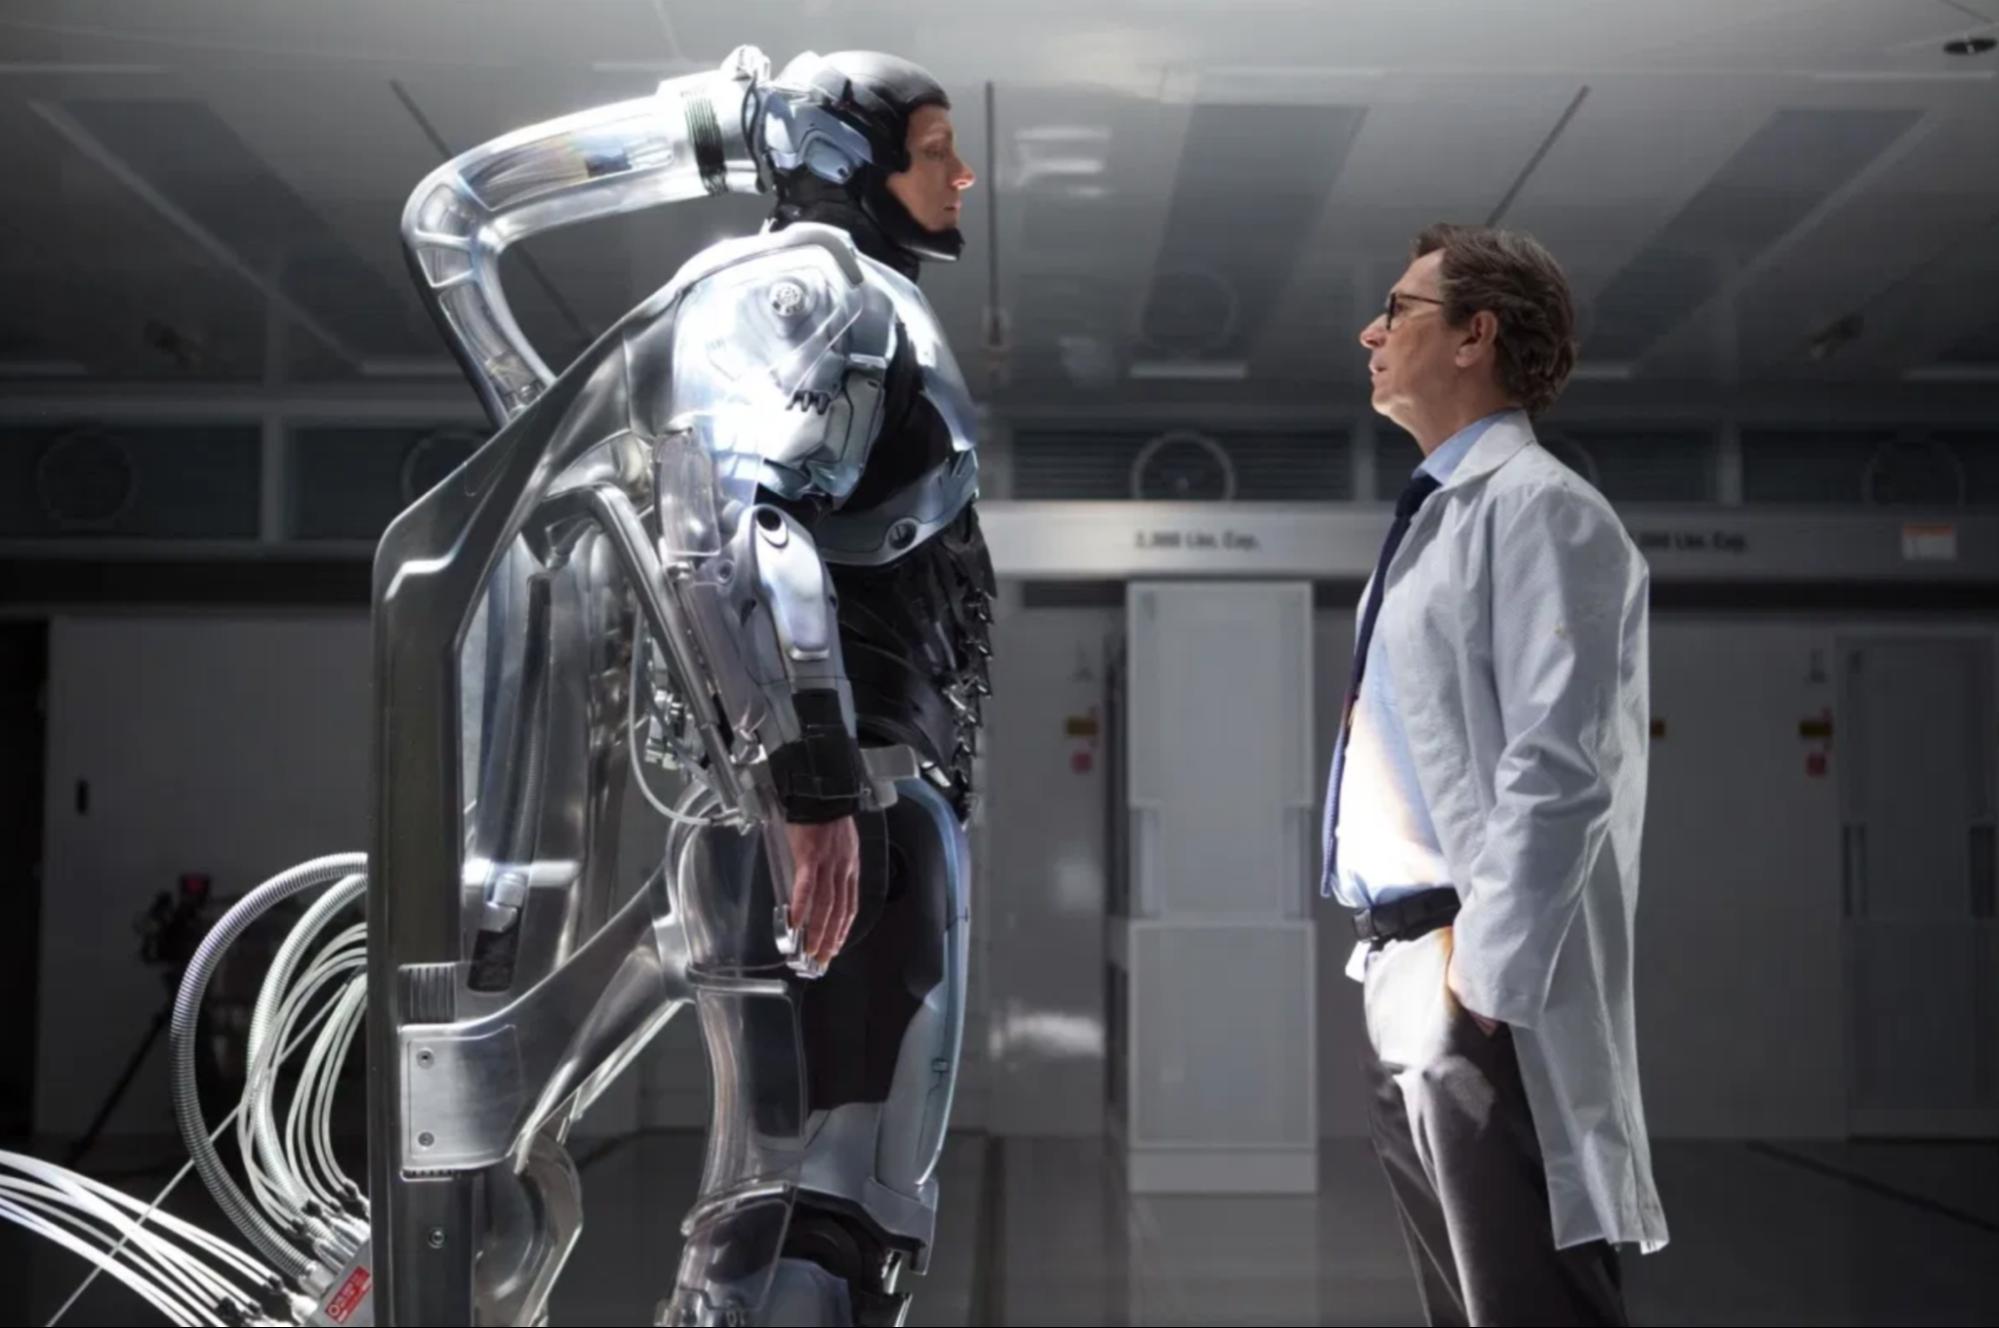 Human and robotic